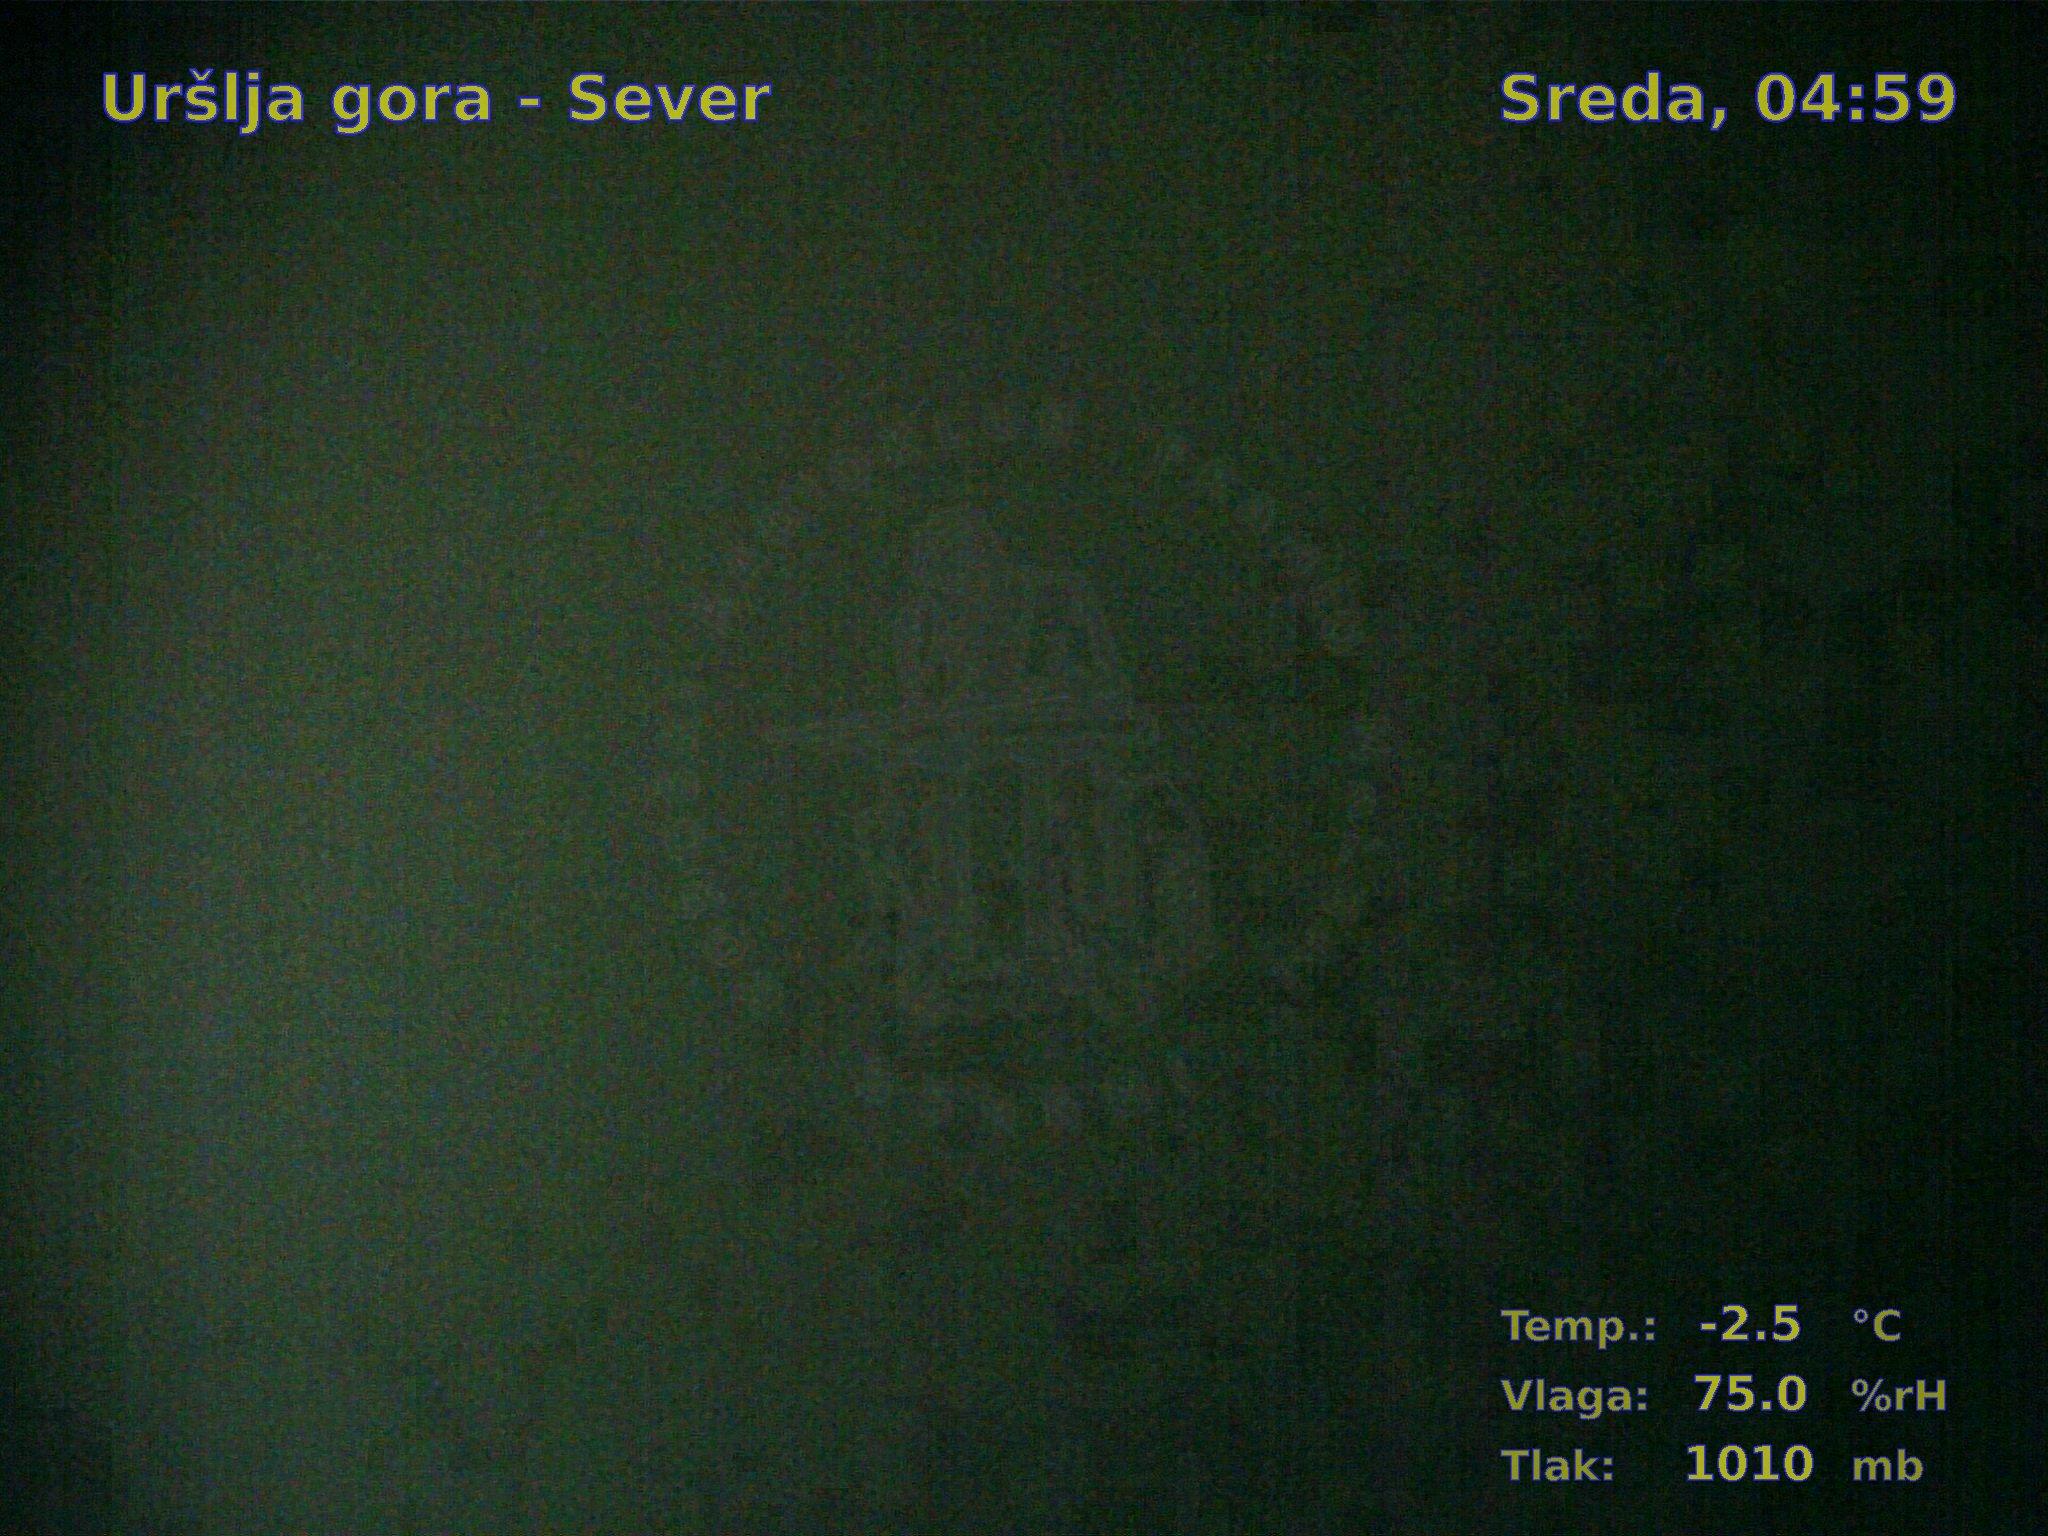 Uršlja gora-Sever, 04:00